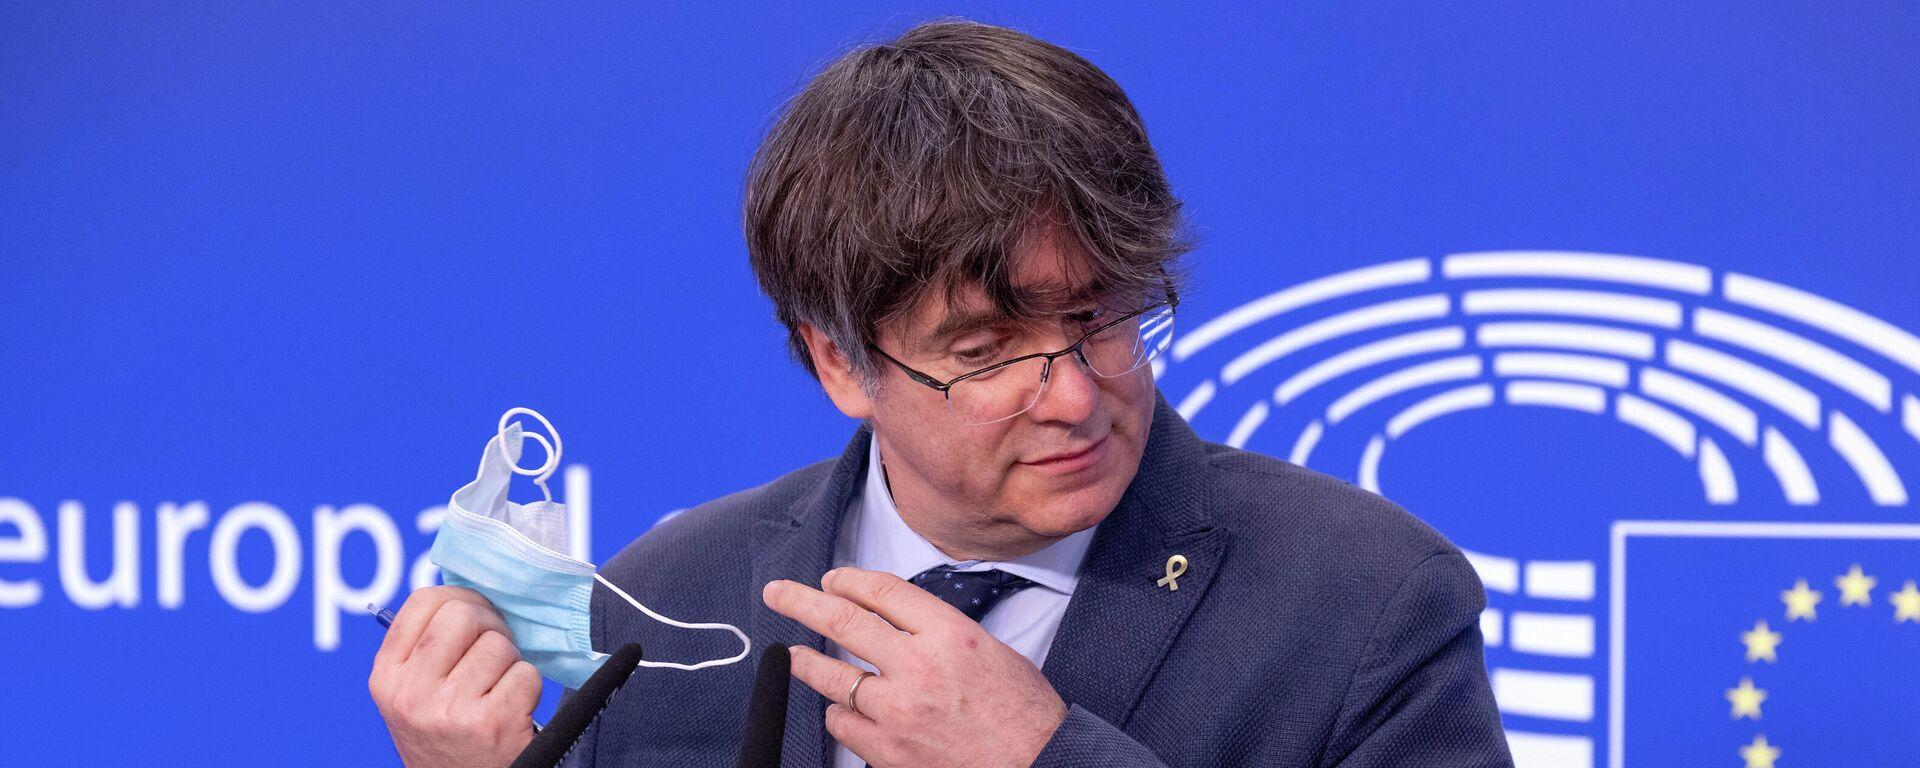 Carles Puigdemont im EU-Parlament in Brüssel - SNA, 1920, 24.09.2021